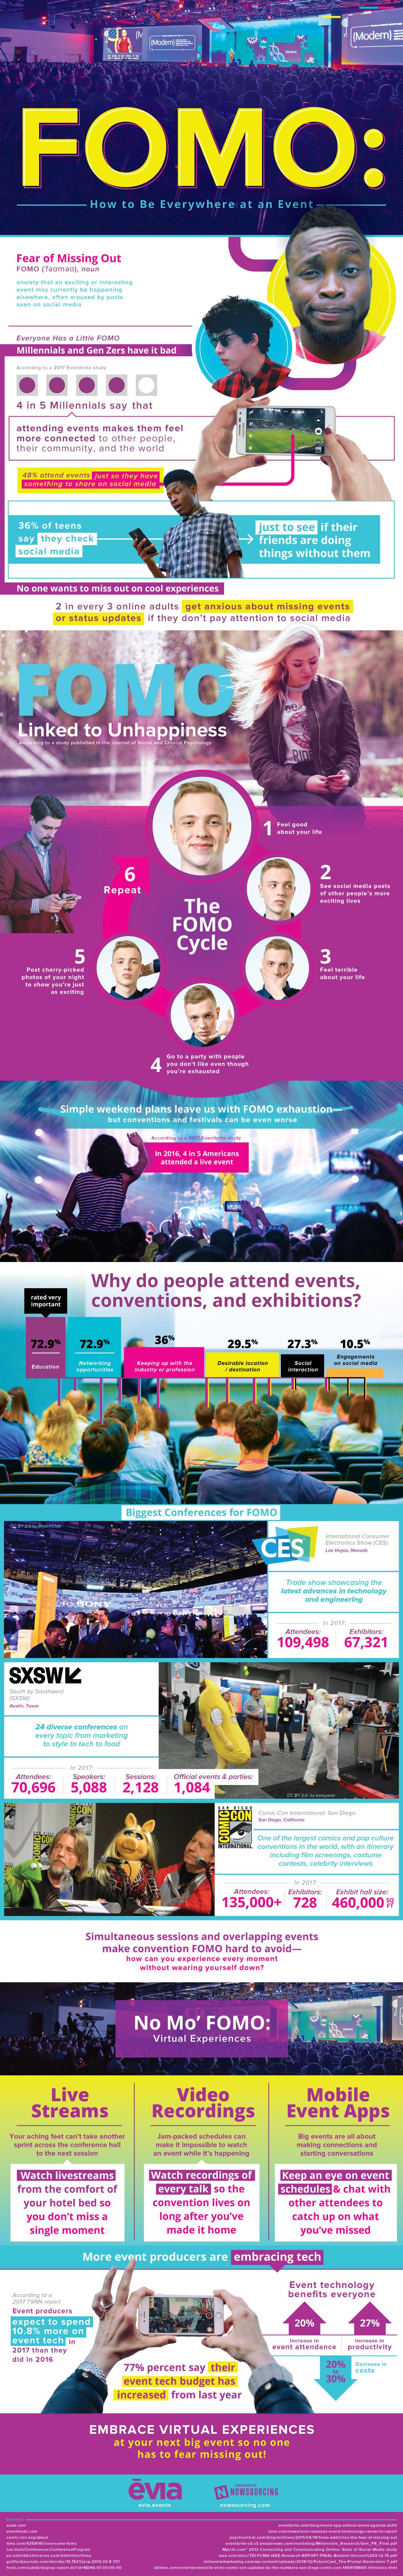 evia-fomo-events.jpg